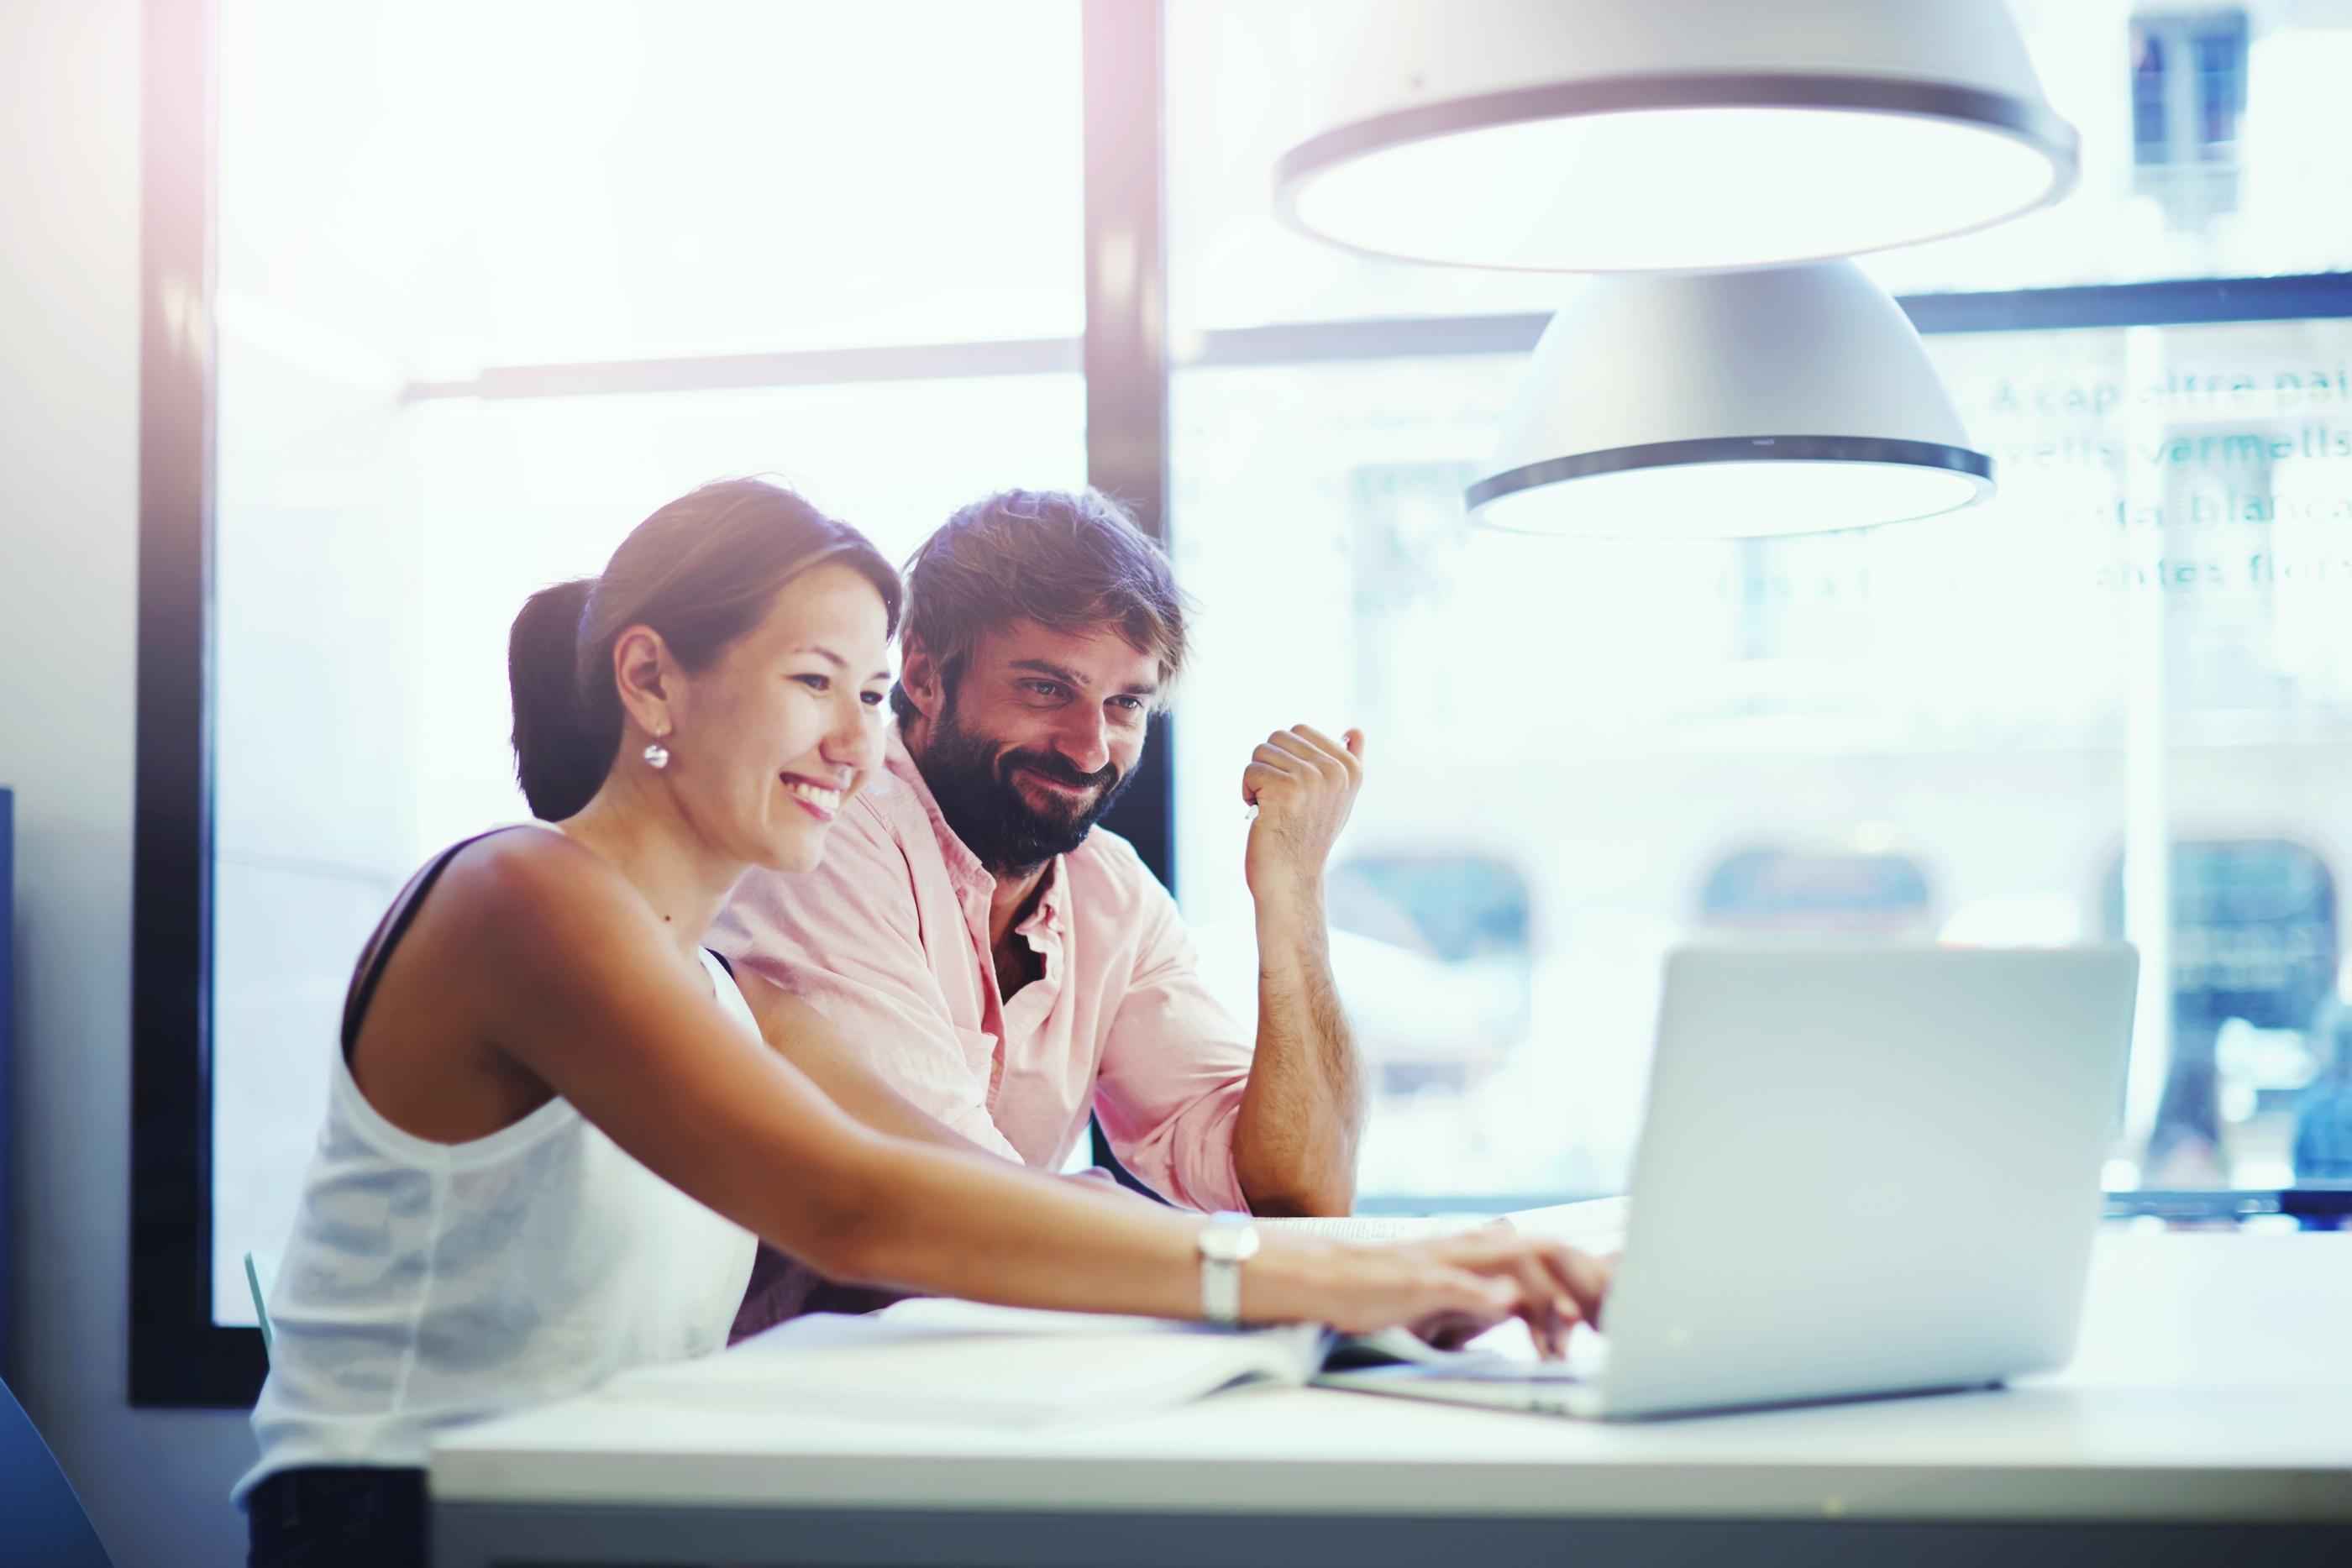 AGA-online-enrolling-insurance.jpg?t=1487779947000